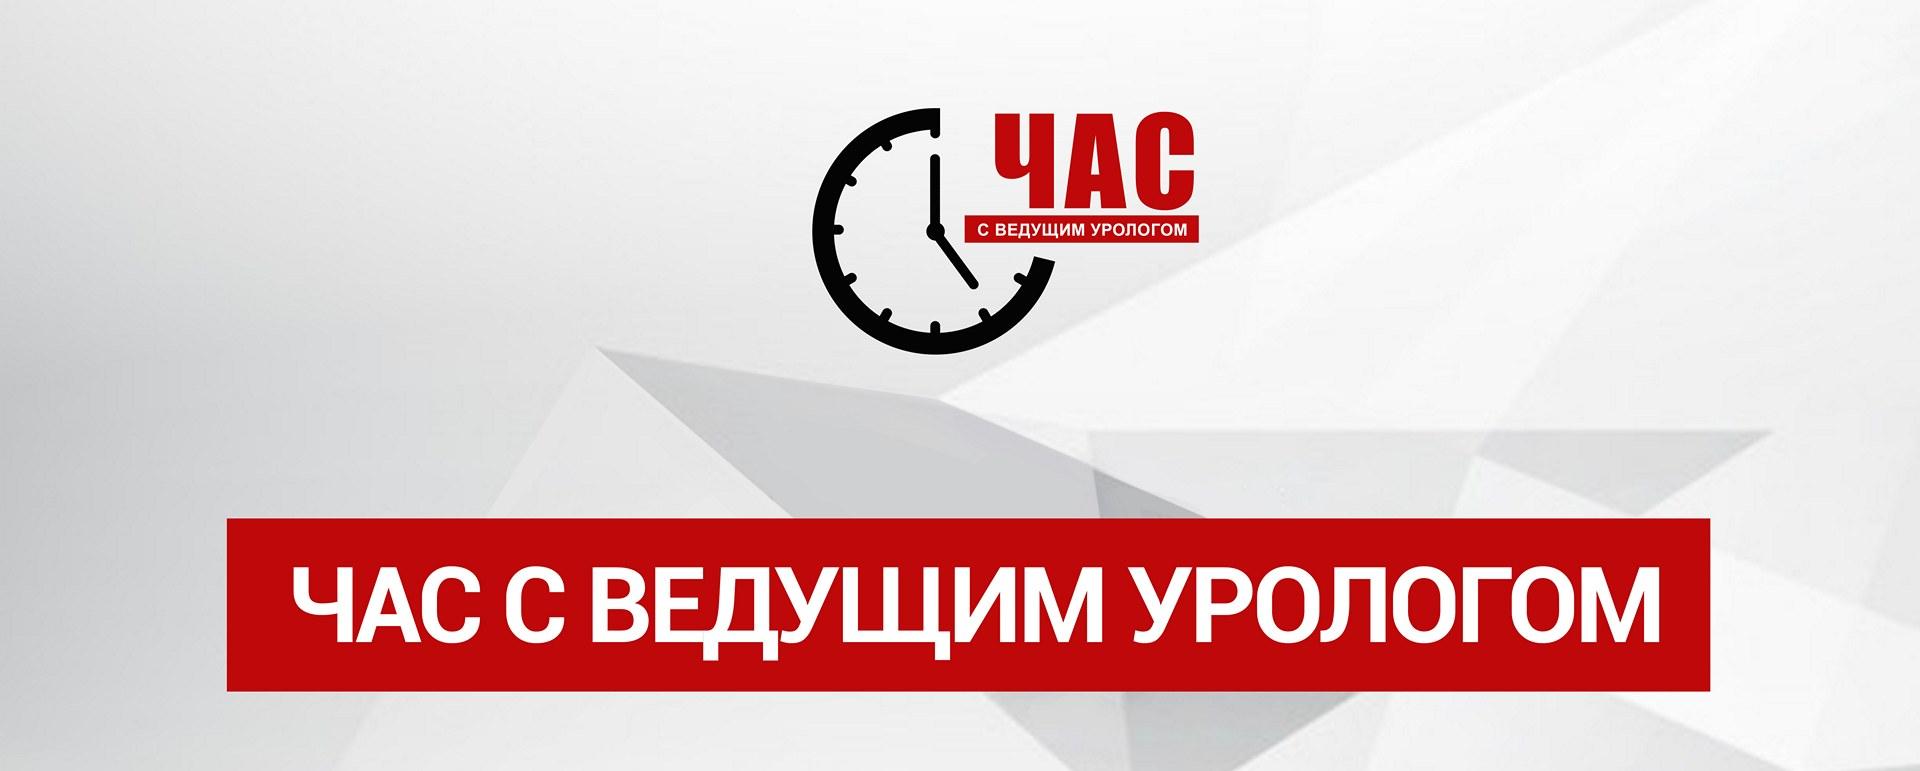 Статистика урологически заболеваний в россии